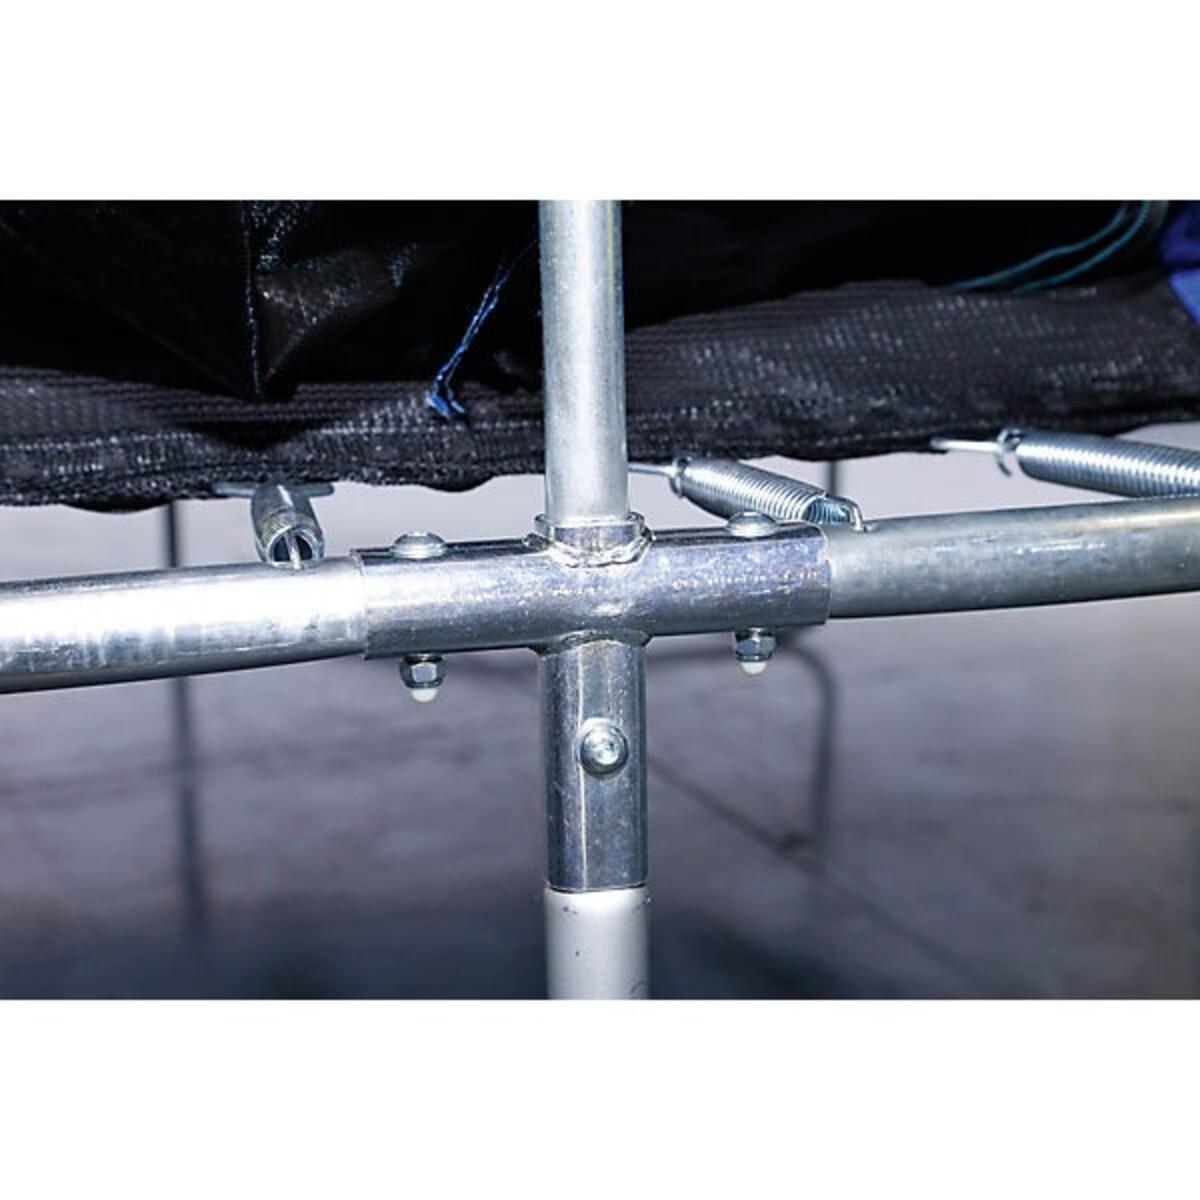 Bild 3 von Sportspower Trampolin 305 cm